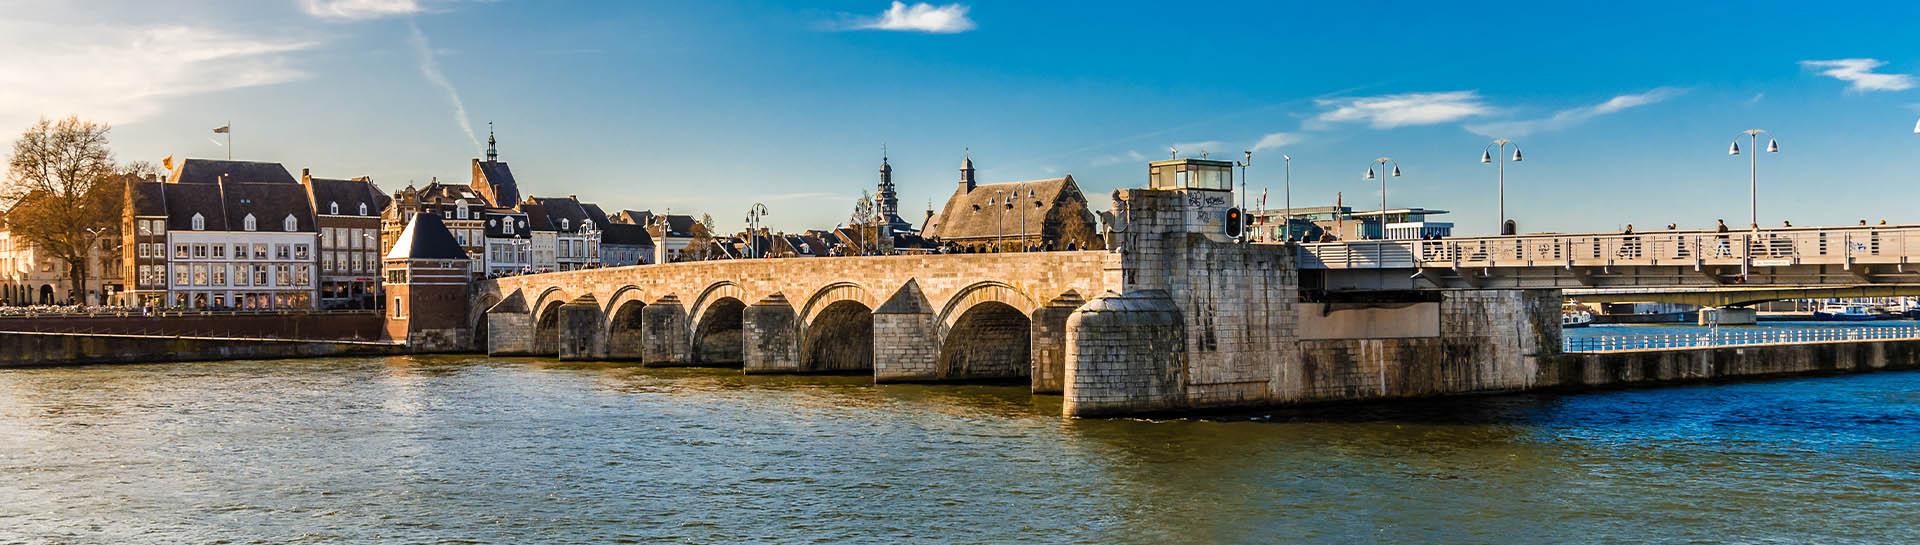 De Sint Servaasbrug met de skyline van Maastricht